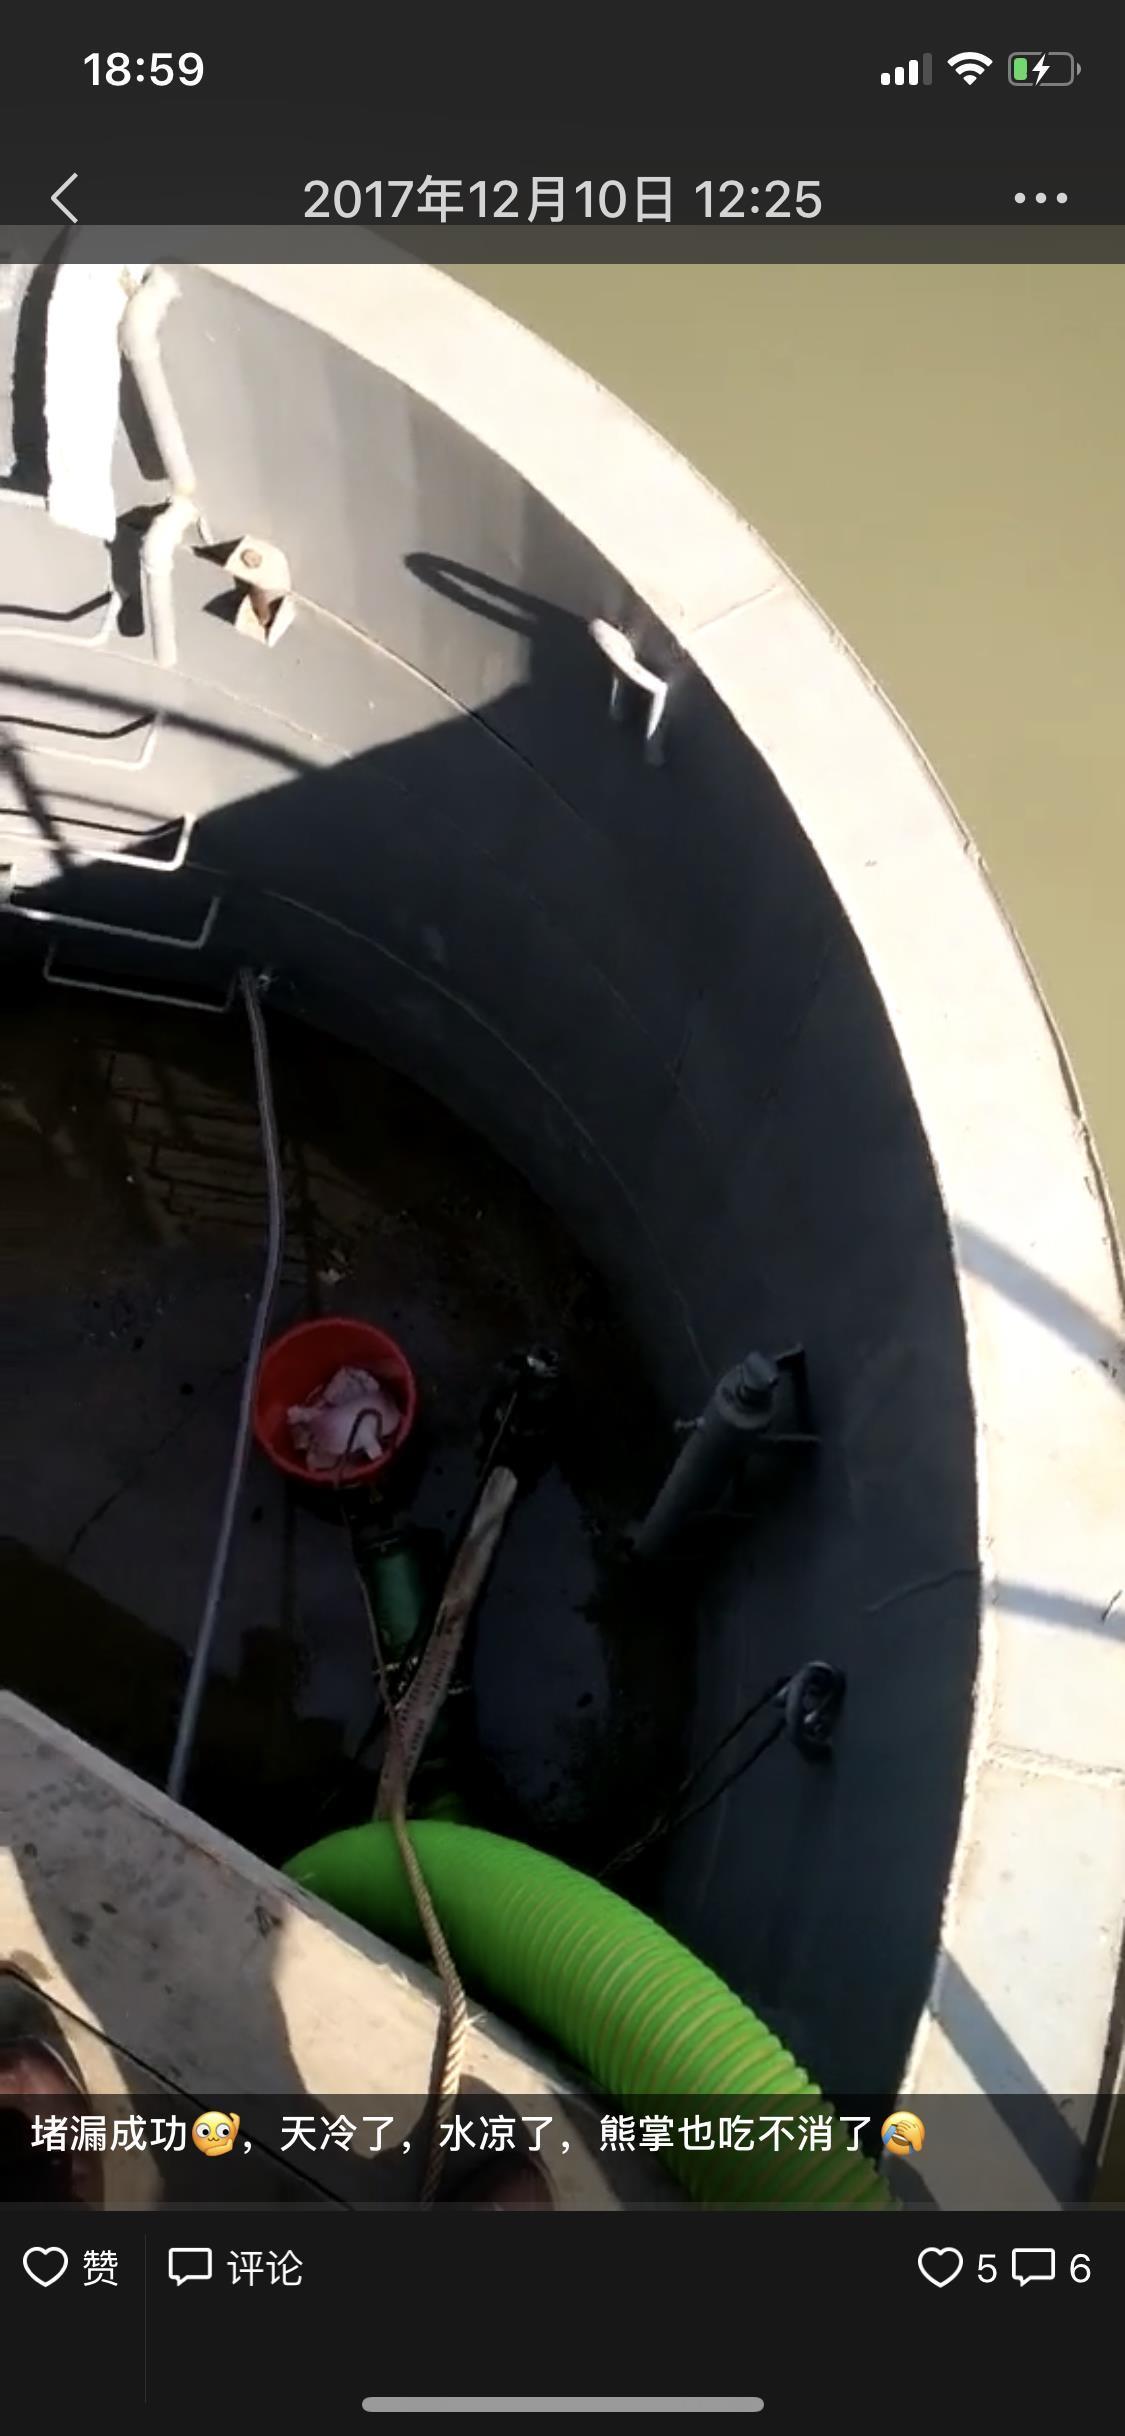 蚌埠污水管道封堵公司